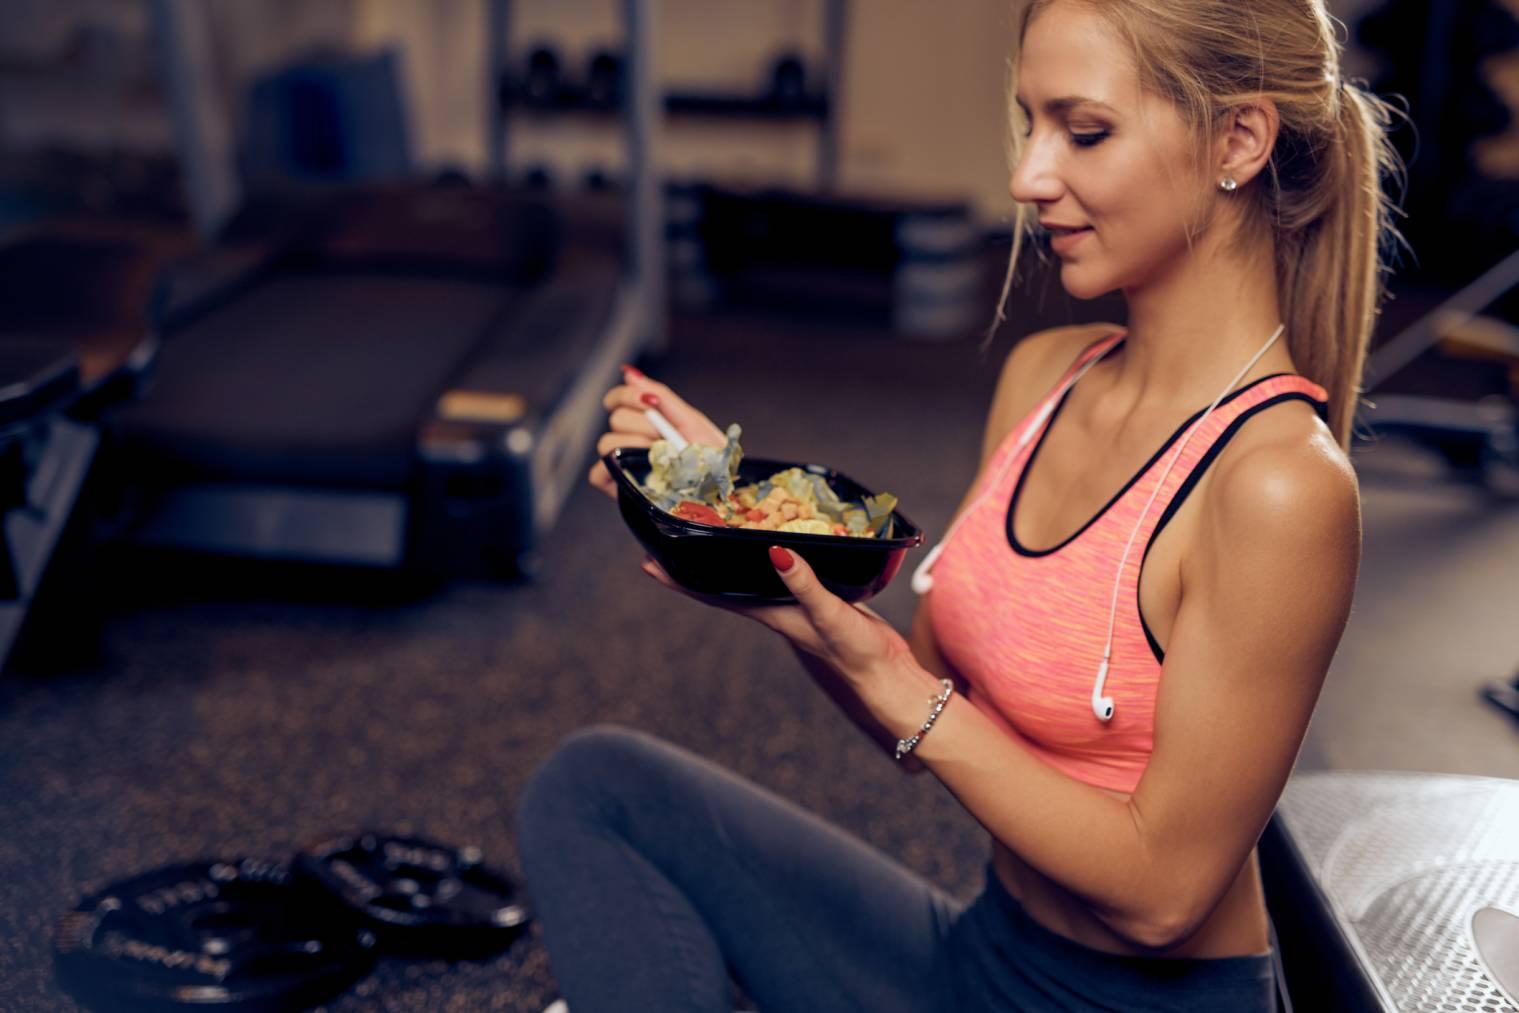 Somatropine naturelle : Quels aliments ? D'où vient-elle